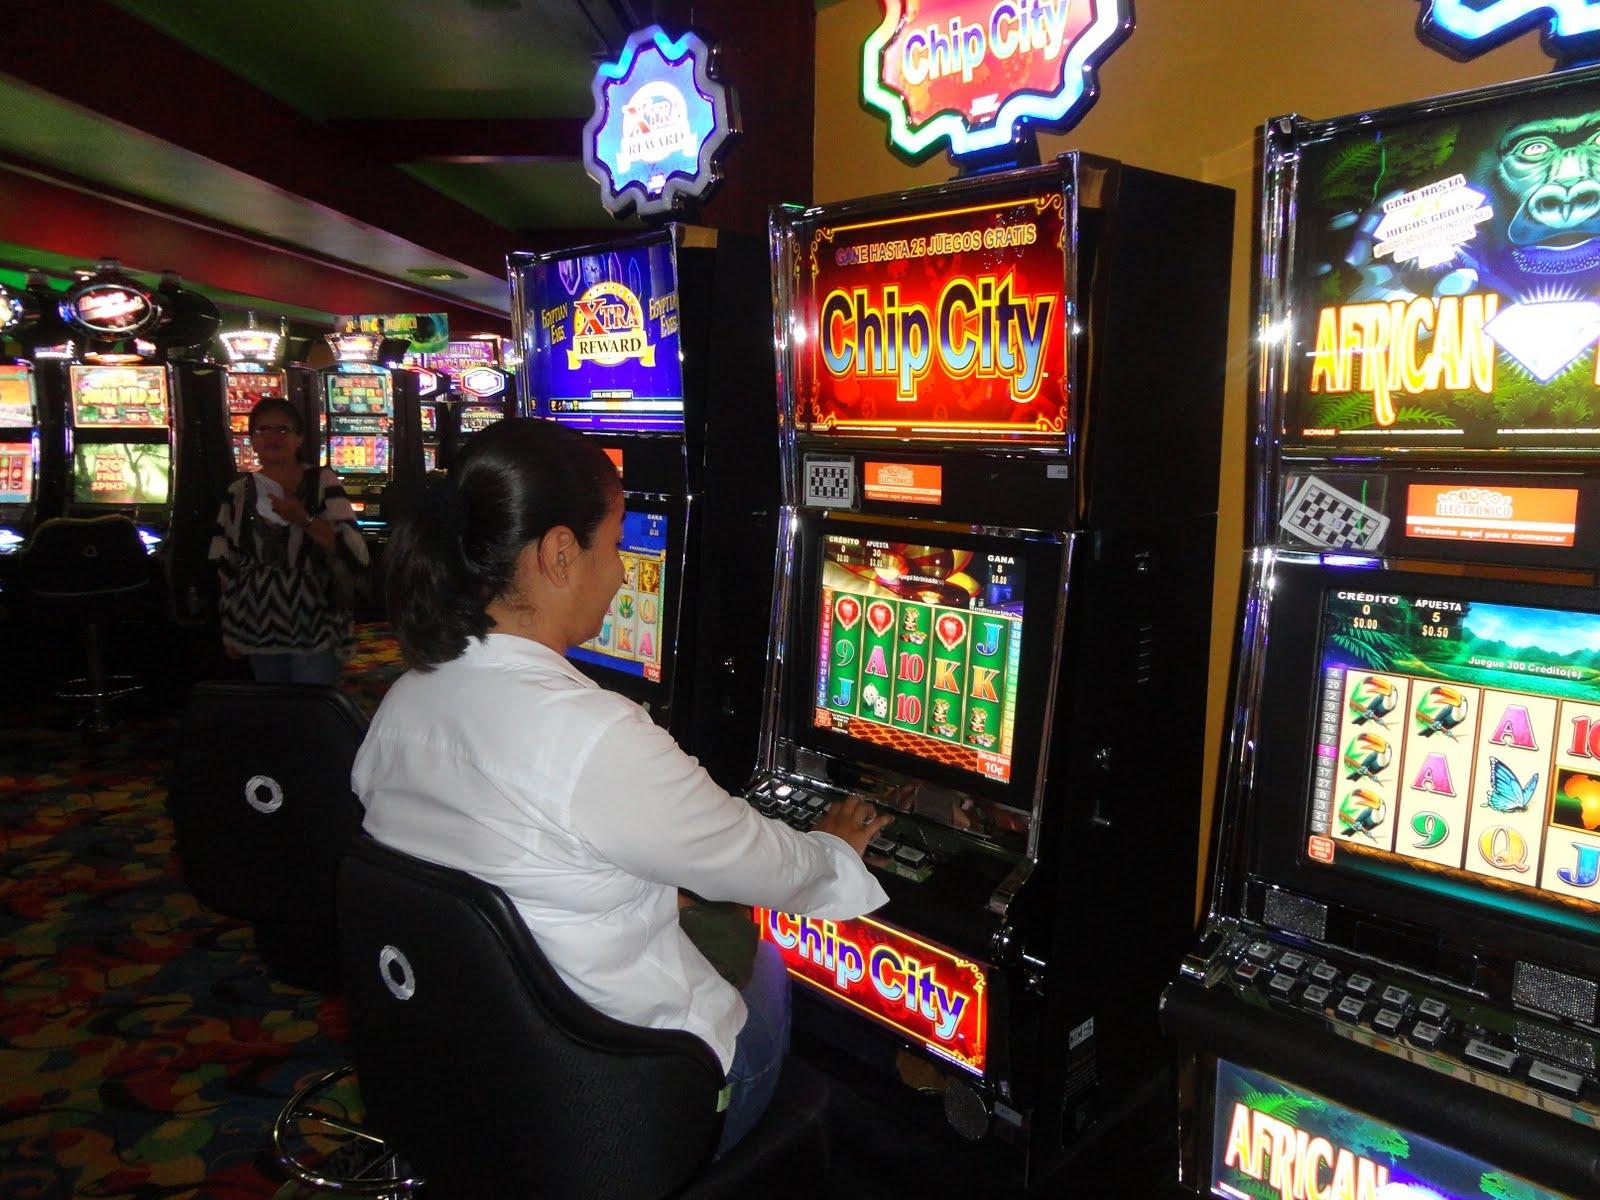 Como descontrolar una maquina de casino noticias del-798600